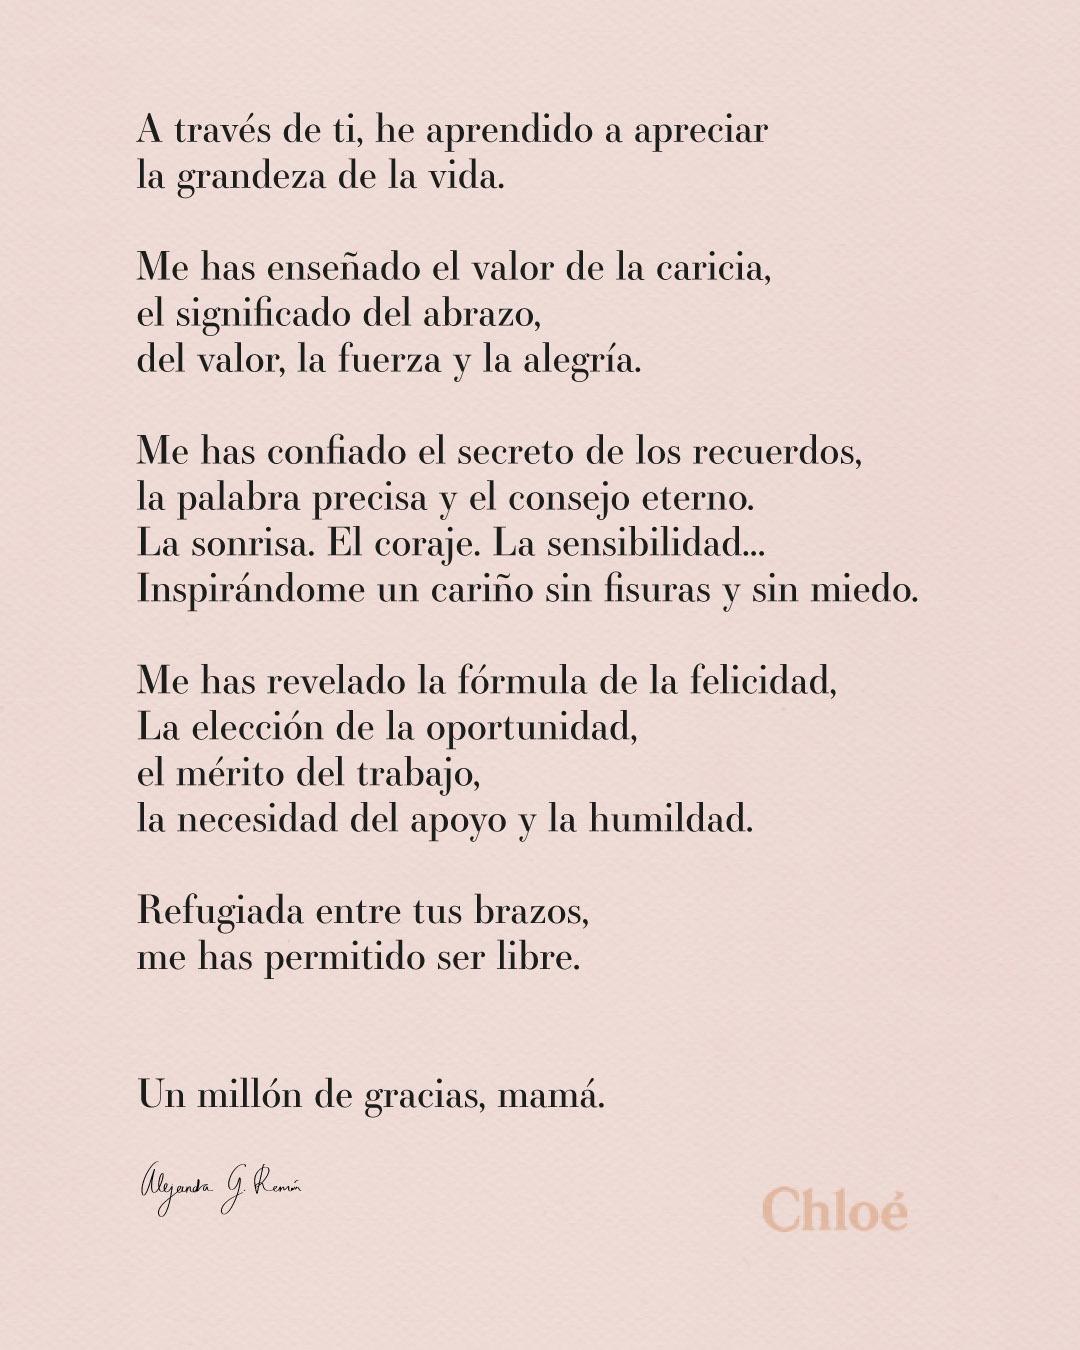 ¿Te animas a hacerle a tu madre un regalo personalizado, como escribirle un poema?